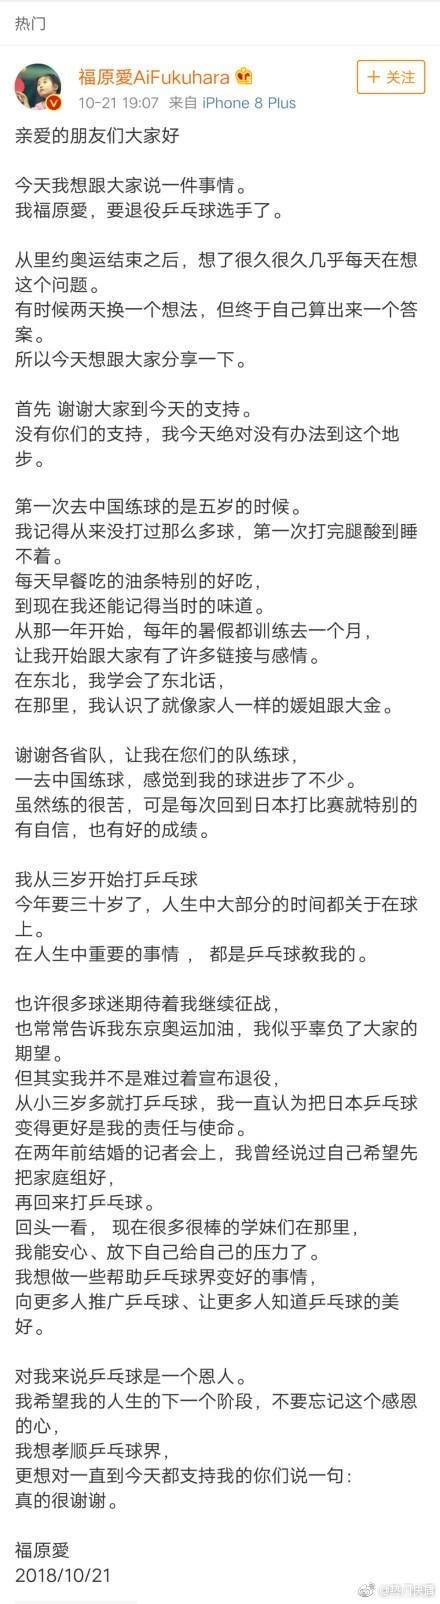 福原爱宣布退役!讲真,为啥她这么招中国人喜欢?